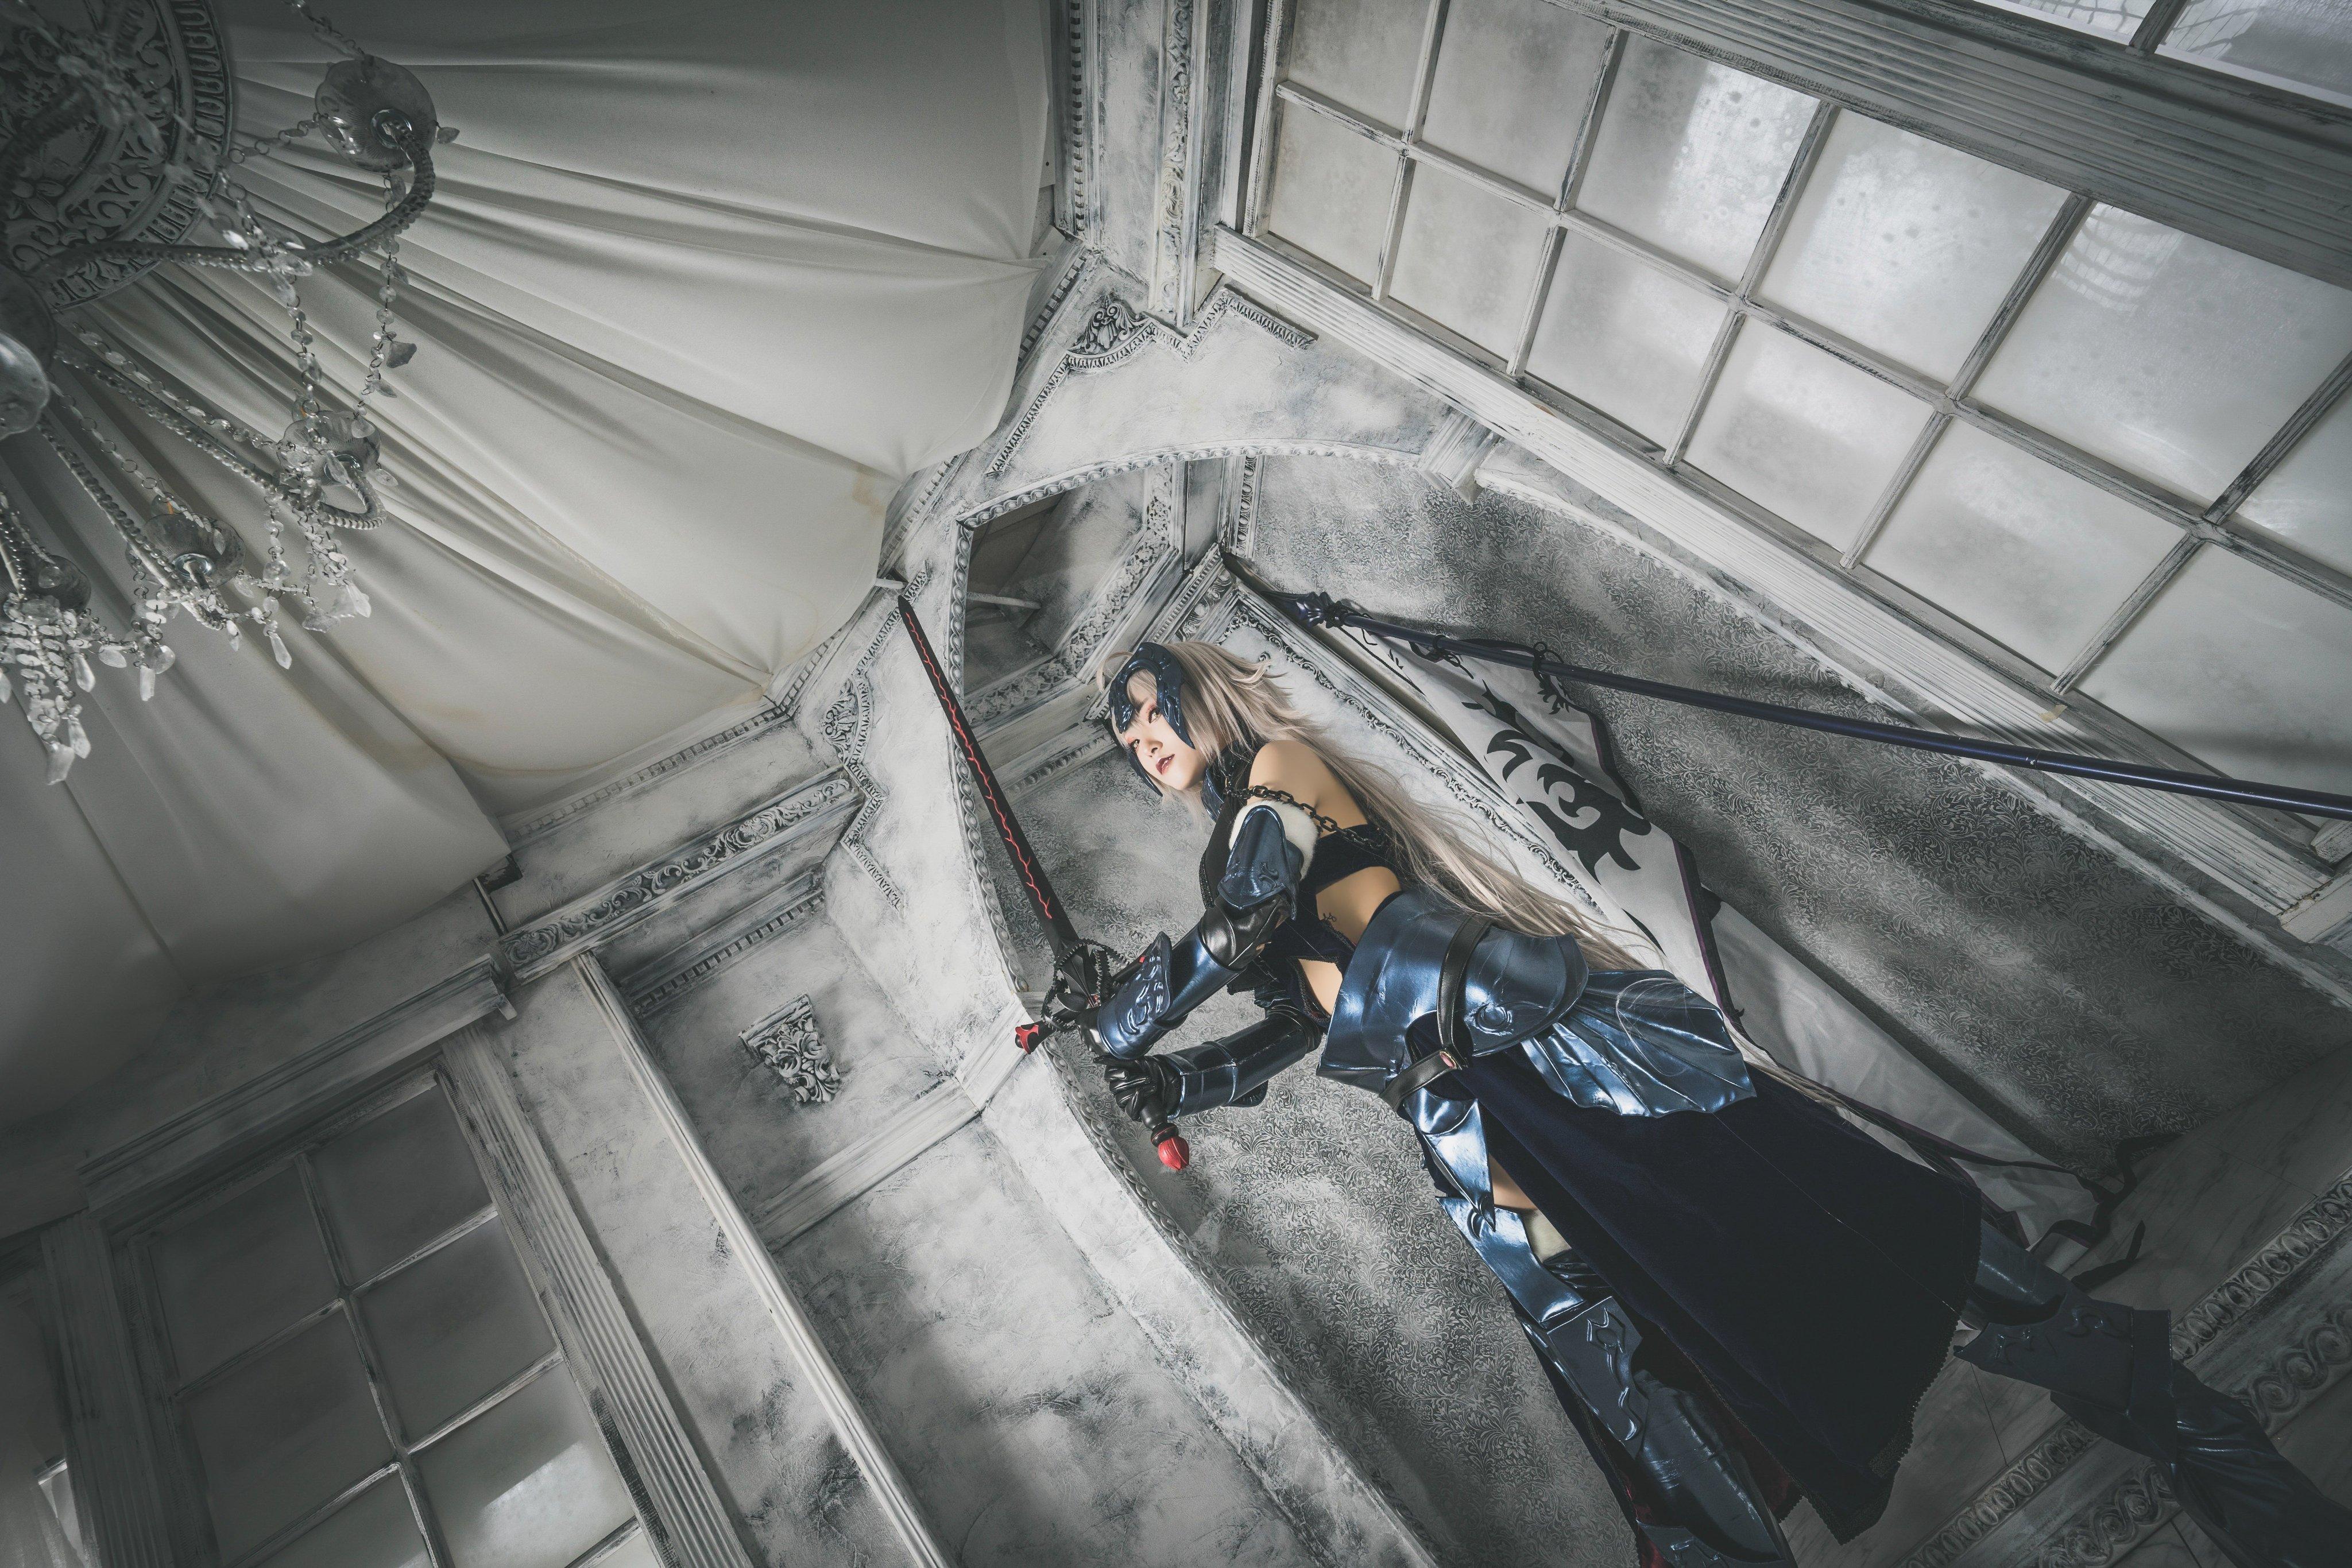 国风韶华绿毛红灯 班长猫耳腿白裤黑-COS精选二百二十五弹 动漫漫画 第13张